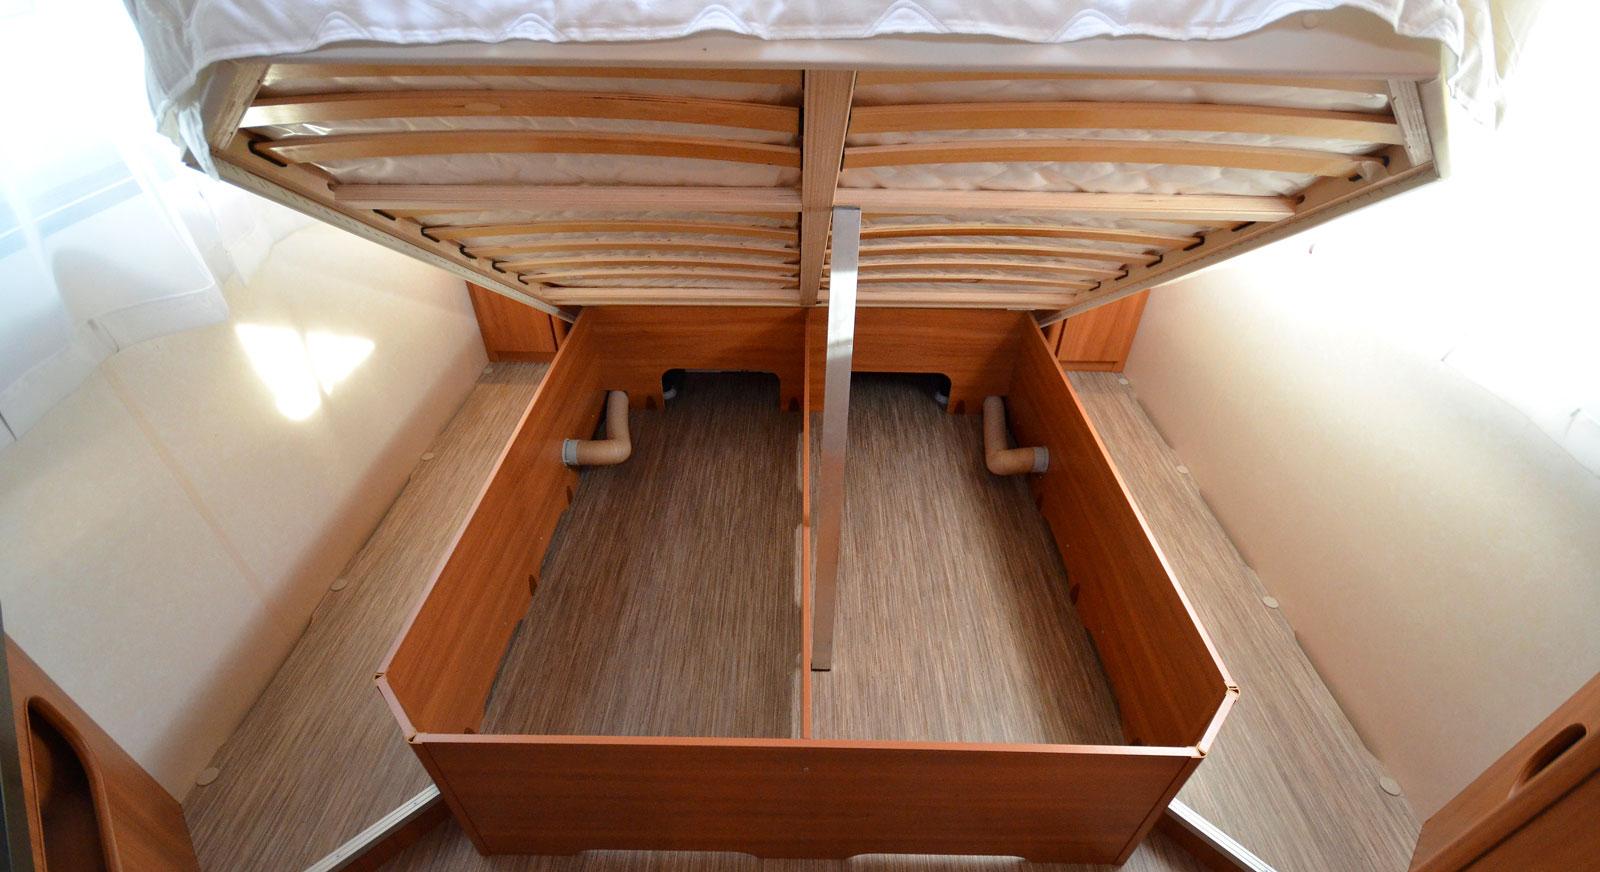 Inomhus. Under dubbelsängen finns ett stort utrymme som däremot inte kan nås åt utifrån på grund av central placering.